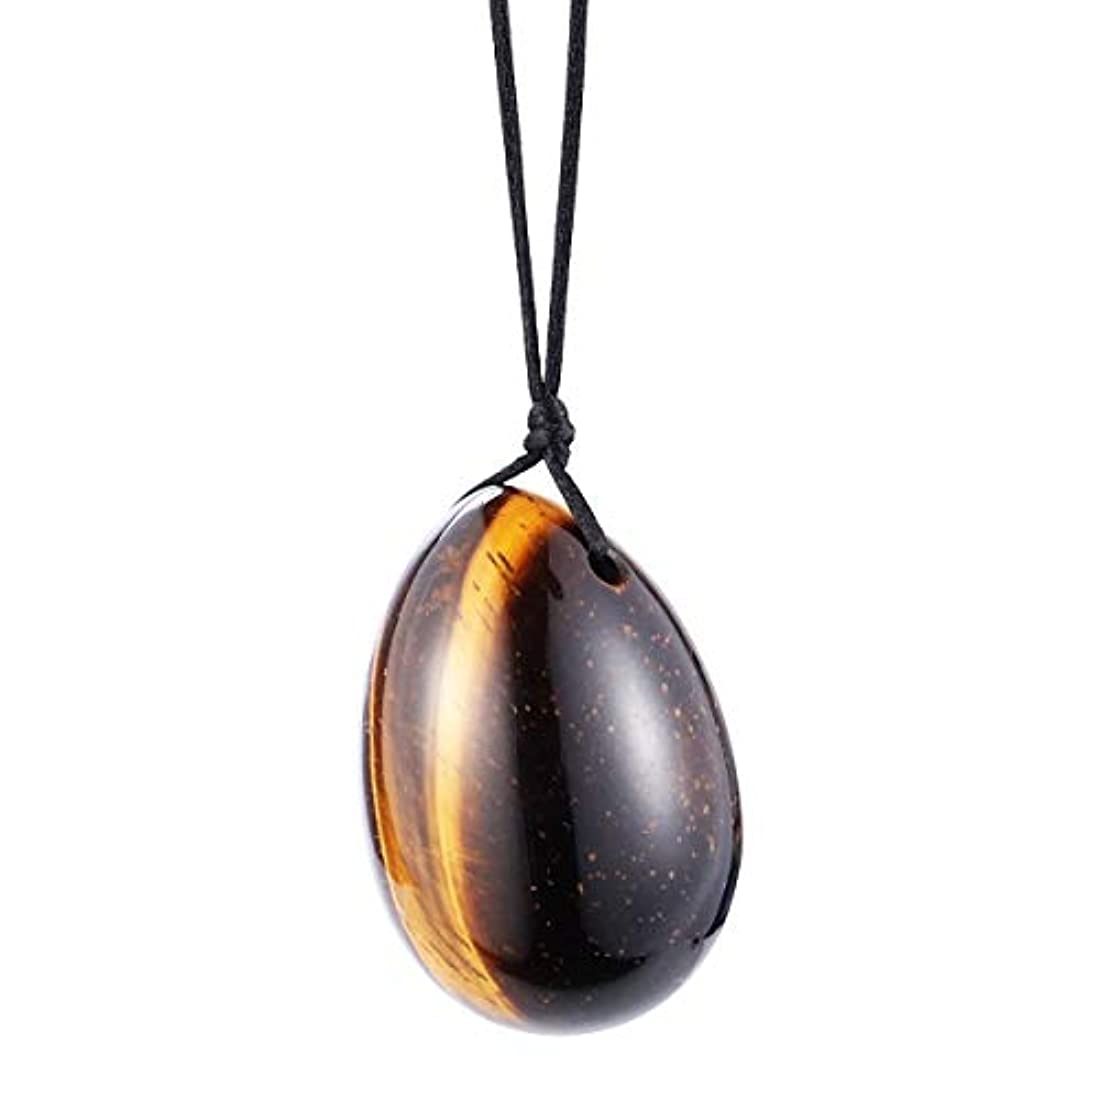 部門まっすぐ優先Healifty 1ピース玉ヨニ卵ドリルマッサージ石卵ケベル運動骨盤底筋膣運動ヘルスケア